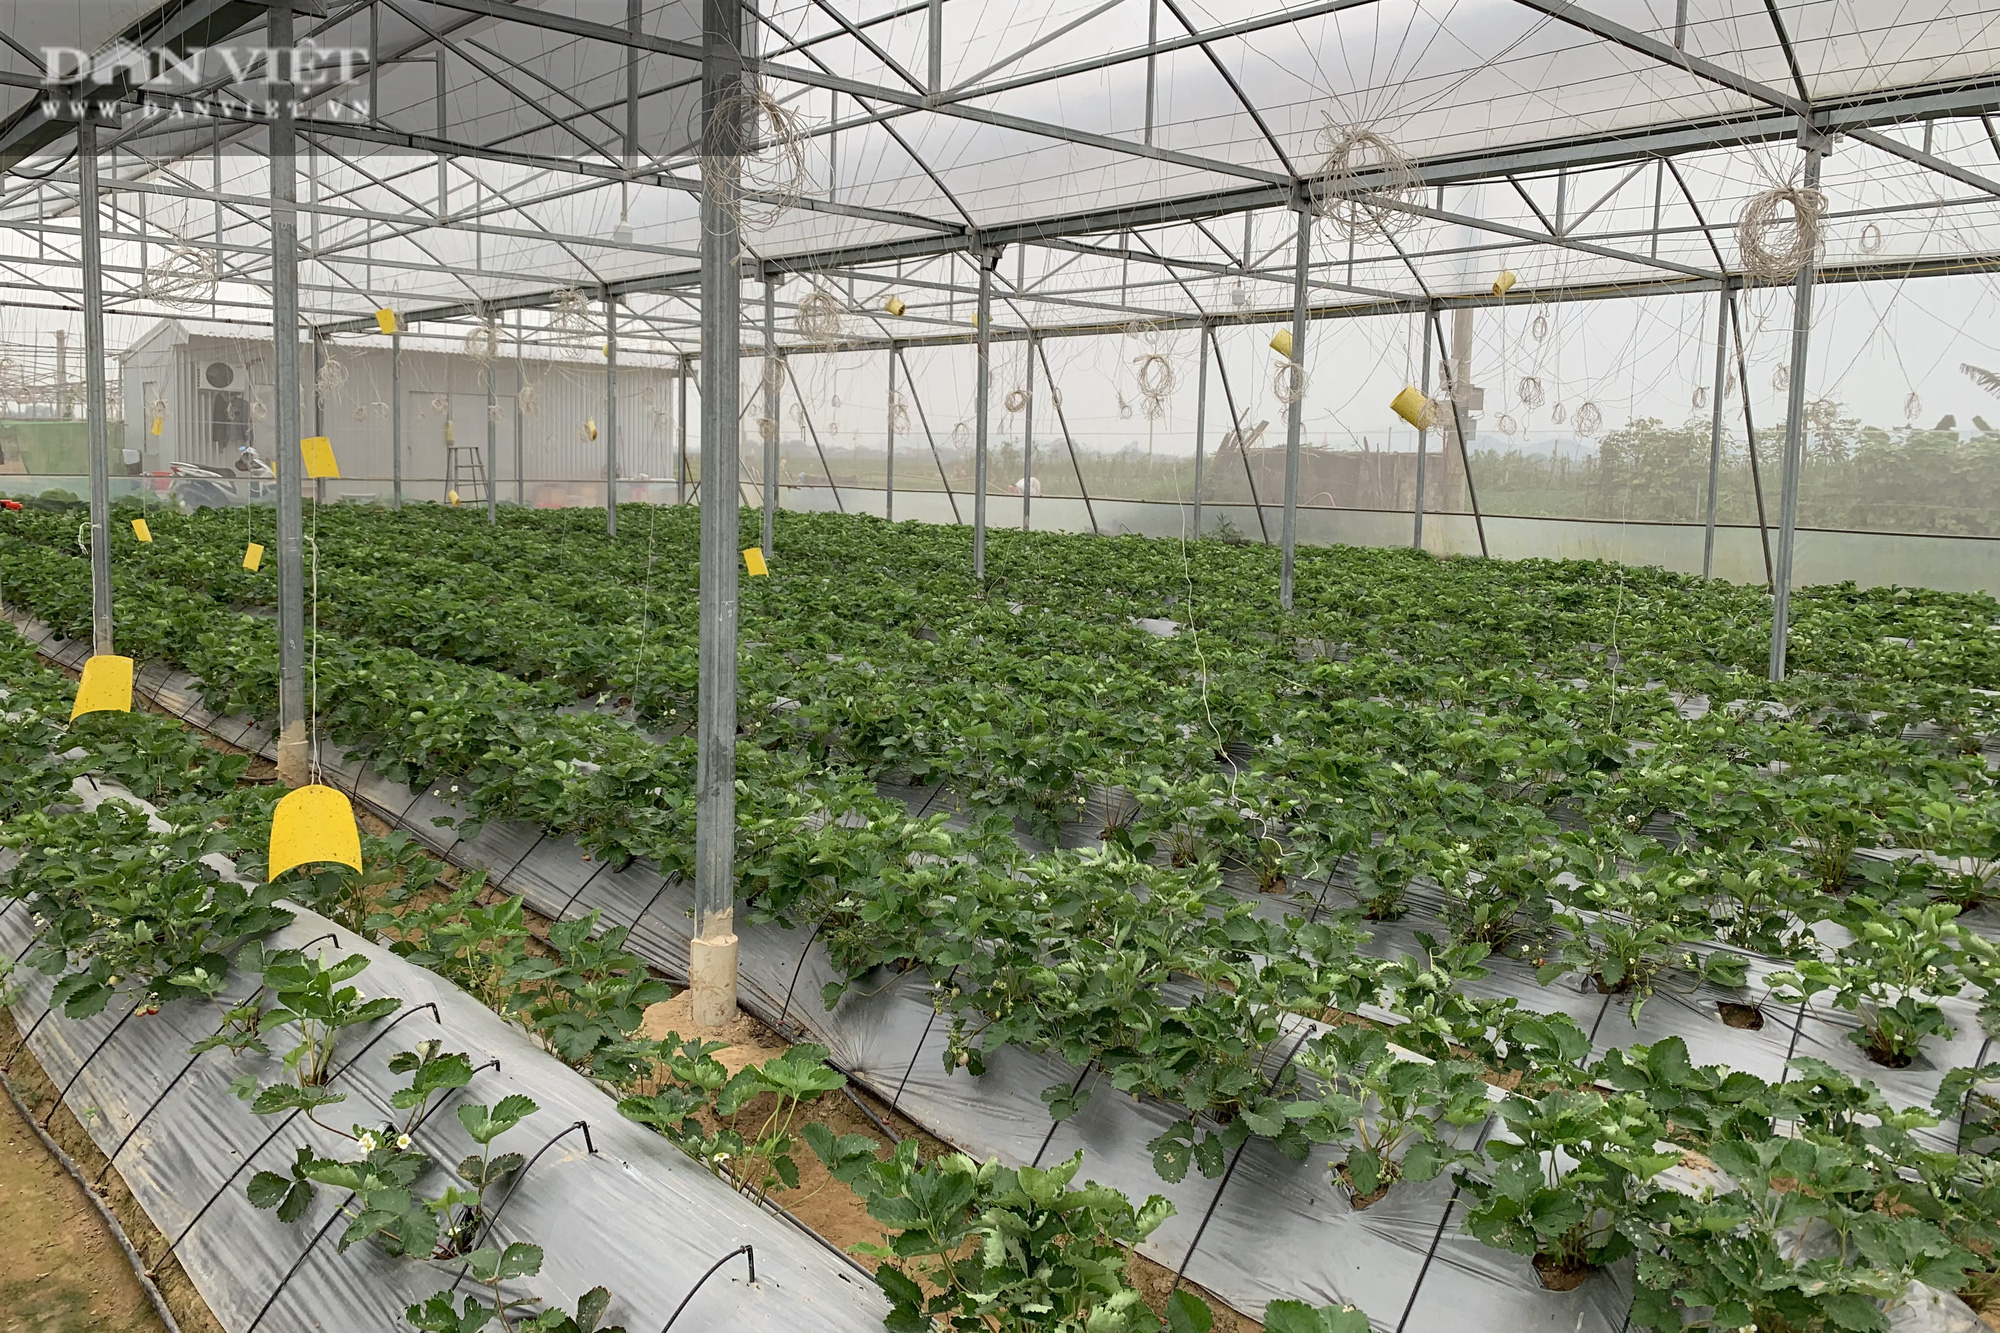 """Chàng trai xứ Nghệ đưa cả """"thế giới"""" công nghệ cao Israel về vườn nhà chăm cây cho quả khổng lồ... thành triệu phú - Ảnh 3."""